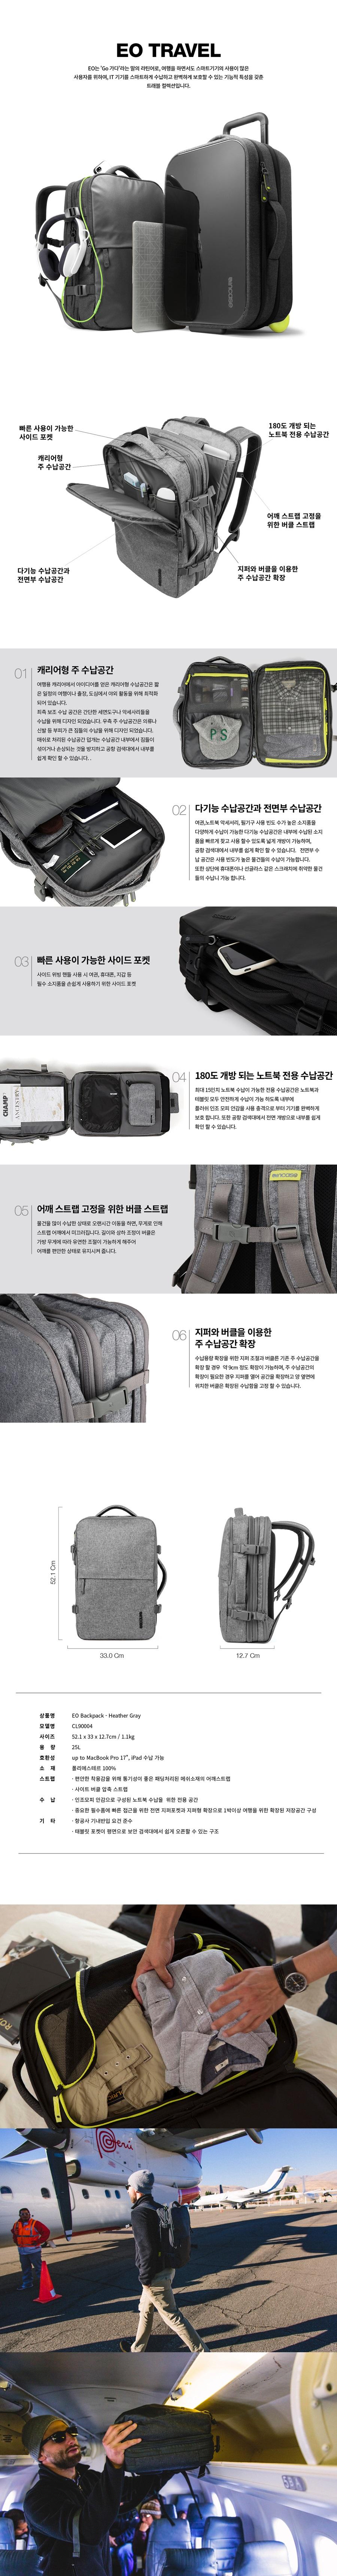 인케이스(INCASE) EO Travel Backpack CL90020 (Heather Gray)